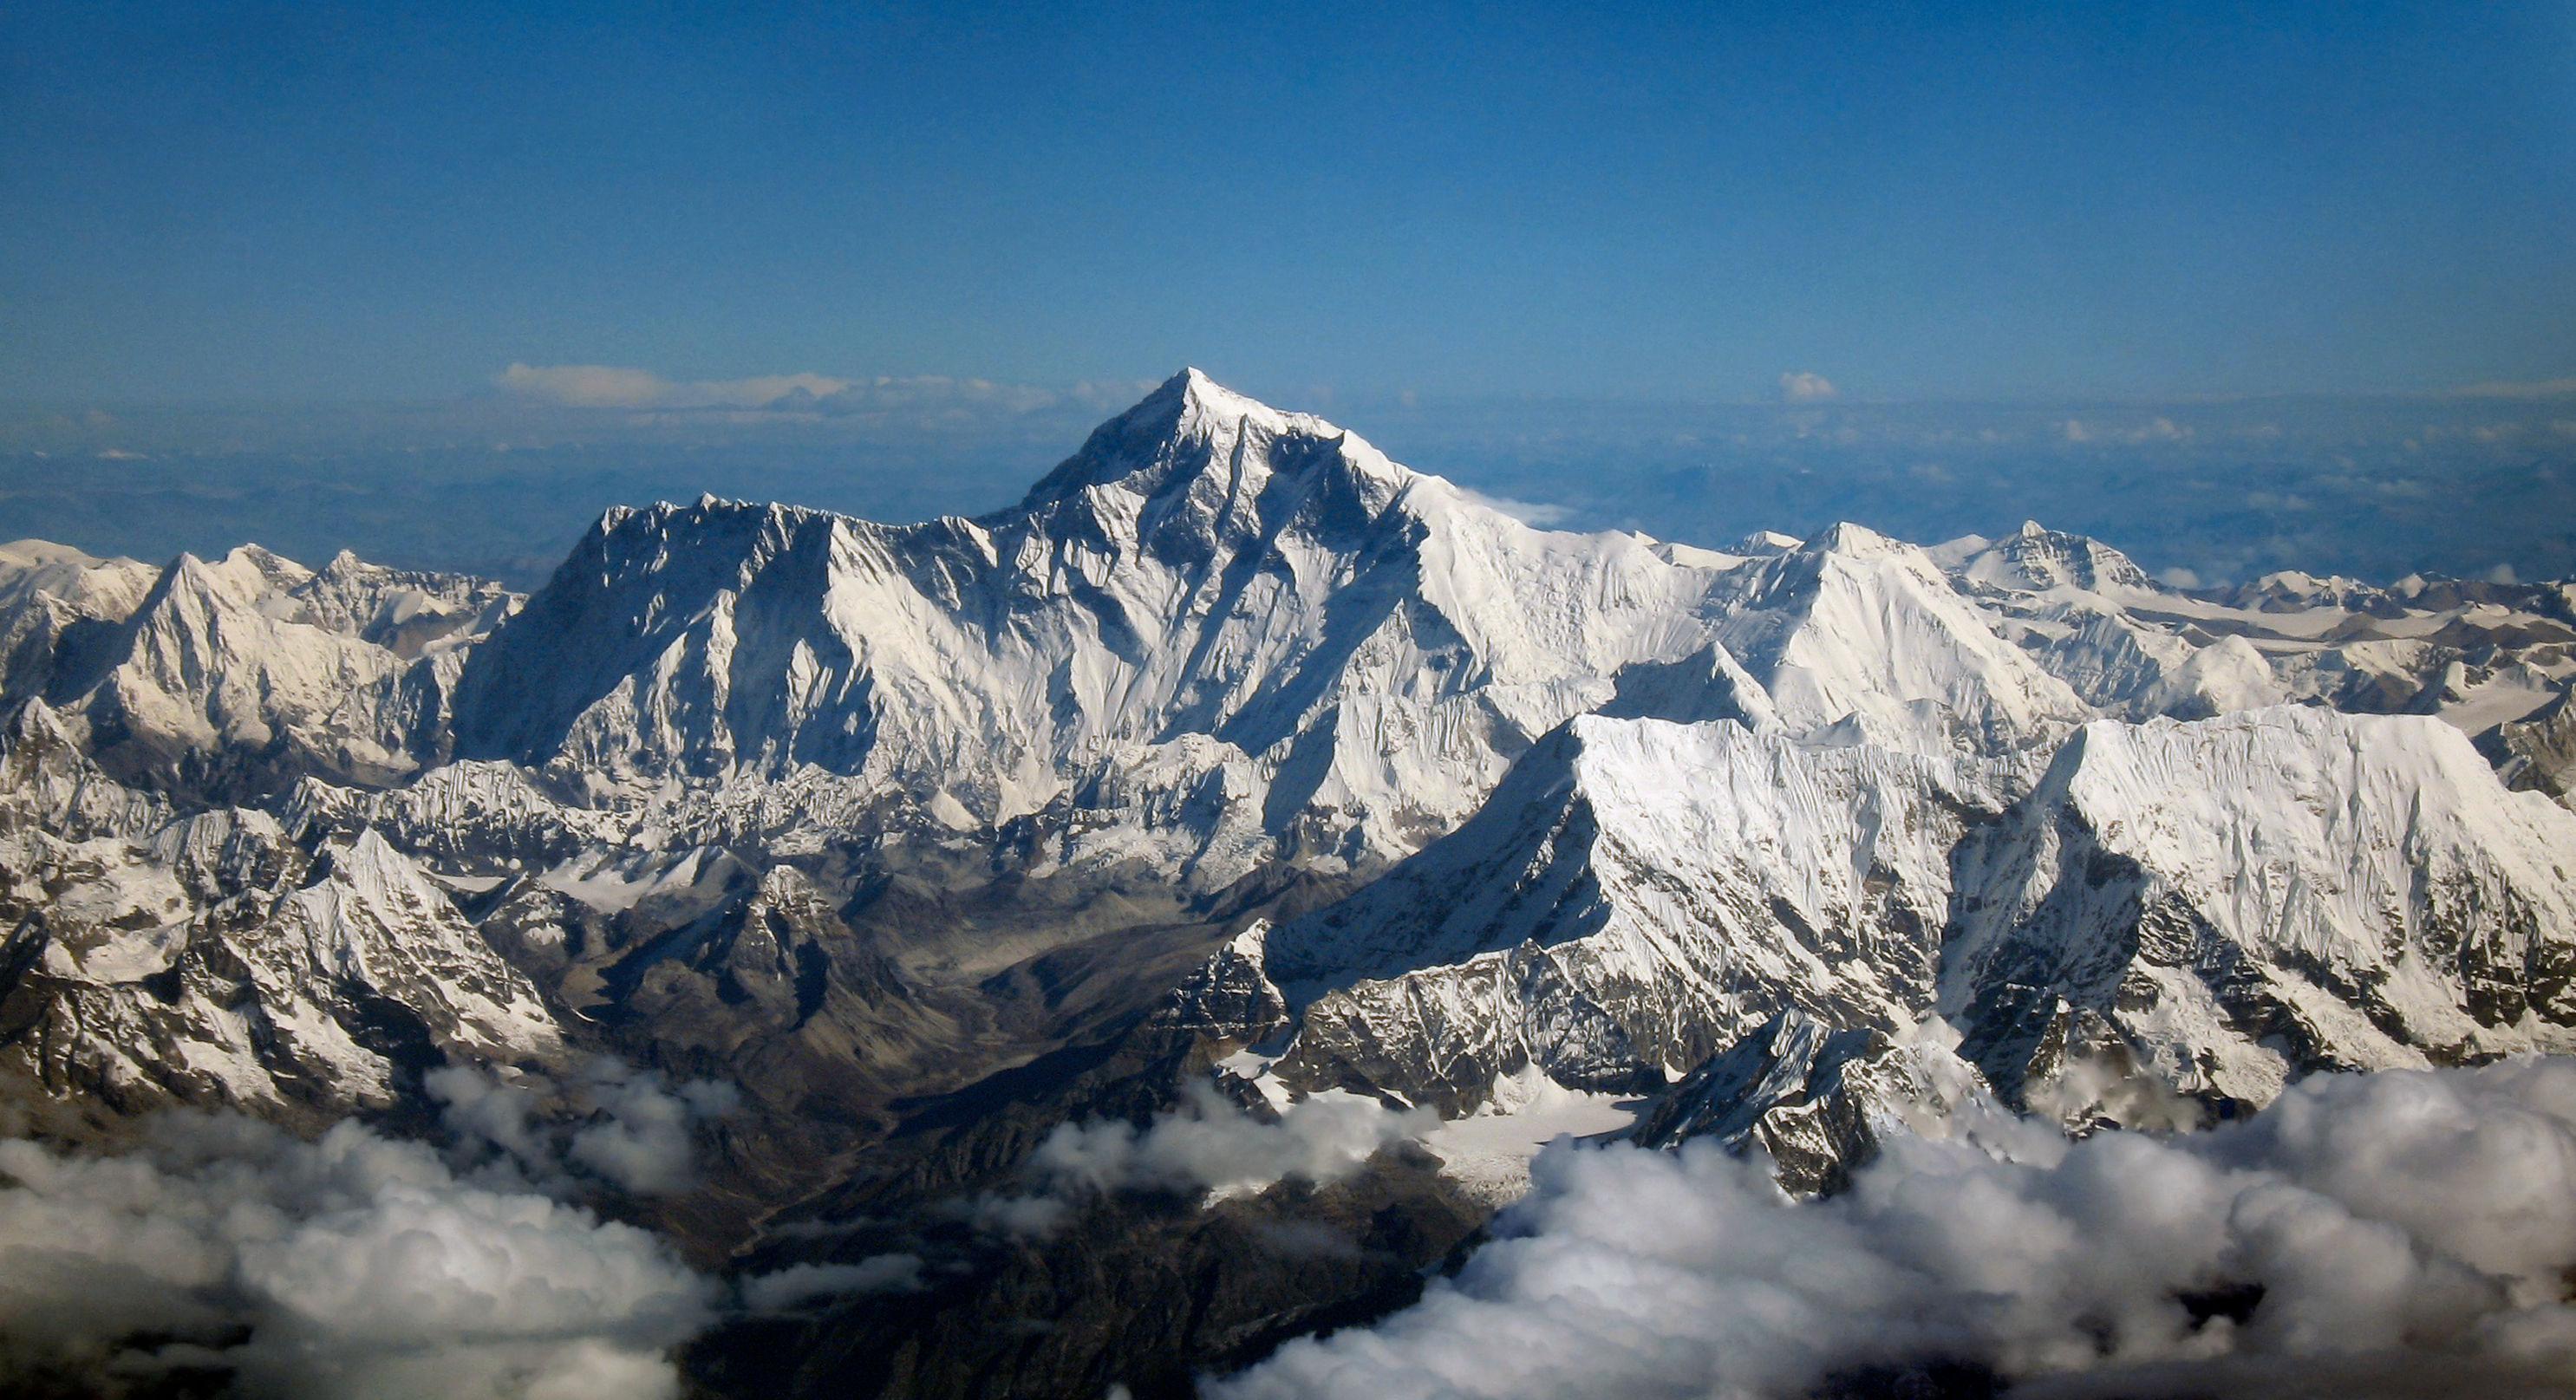 2847 - ¿Cuánto sabes del Everest?